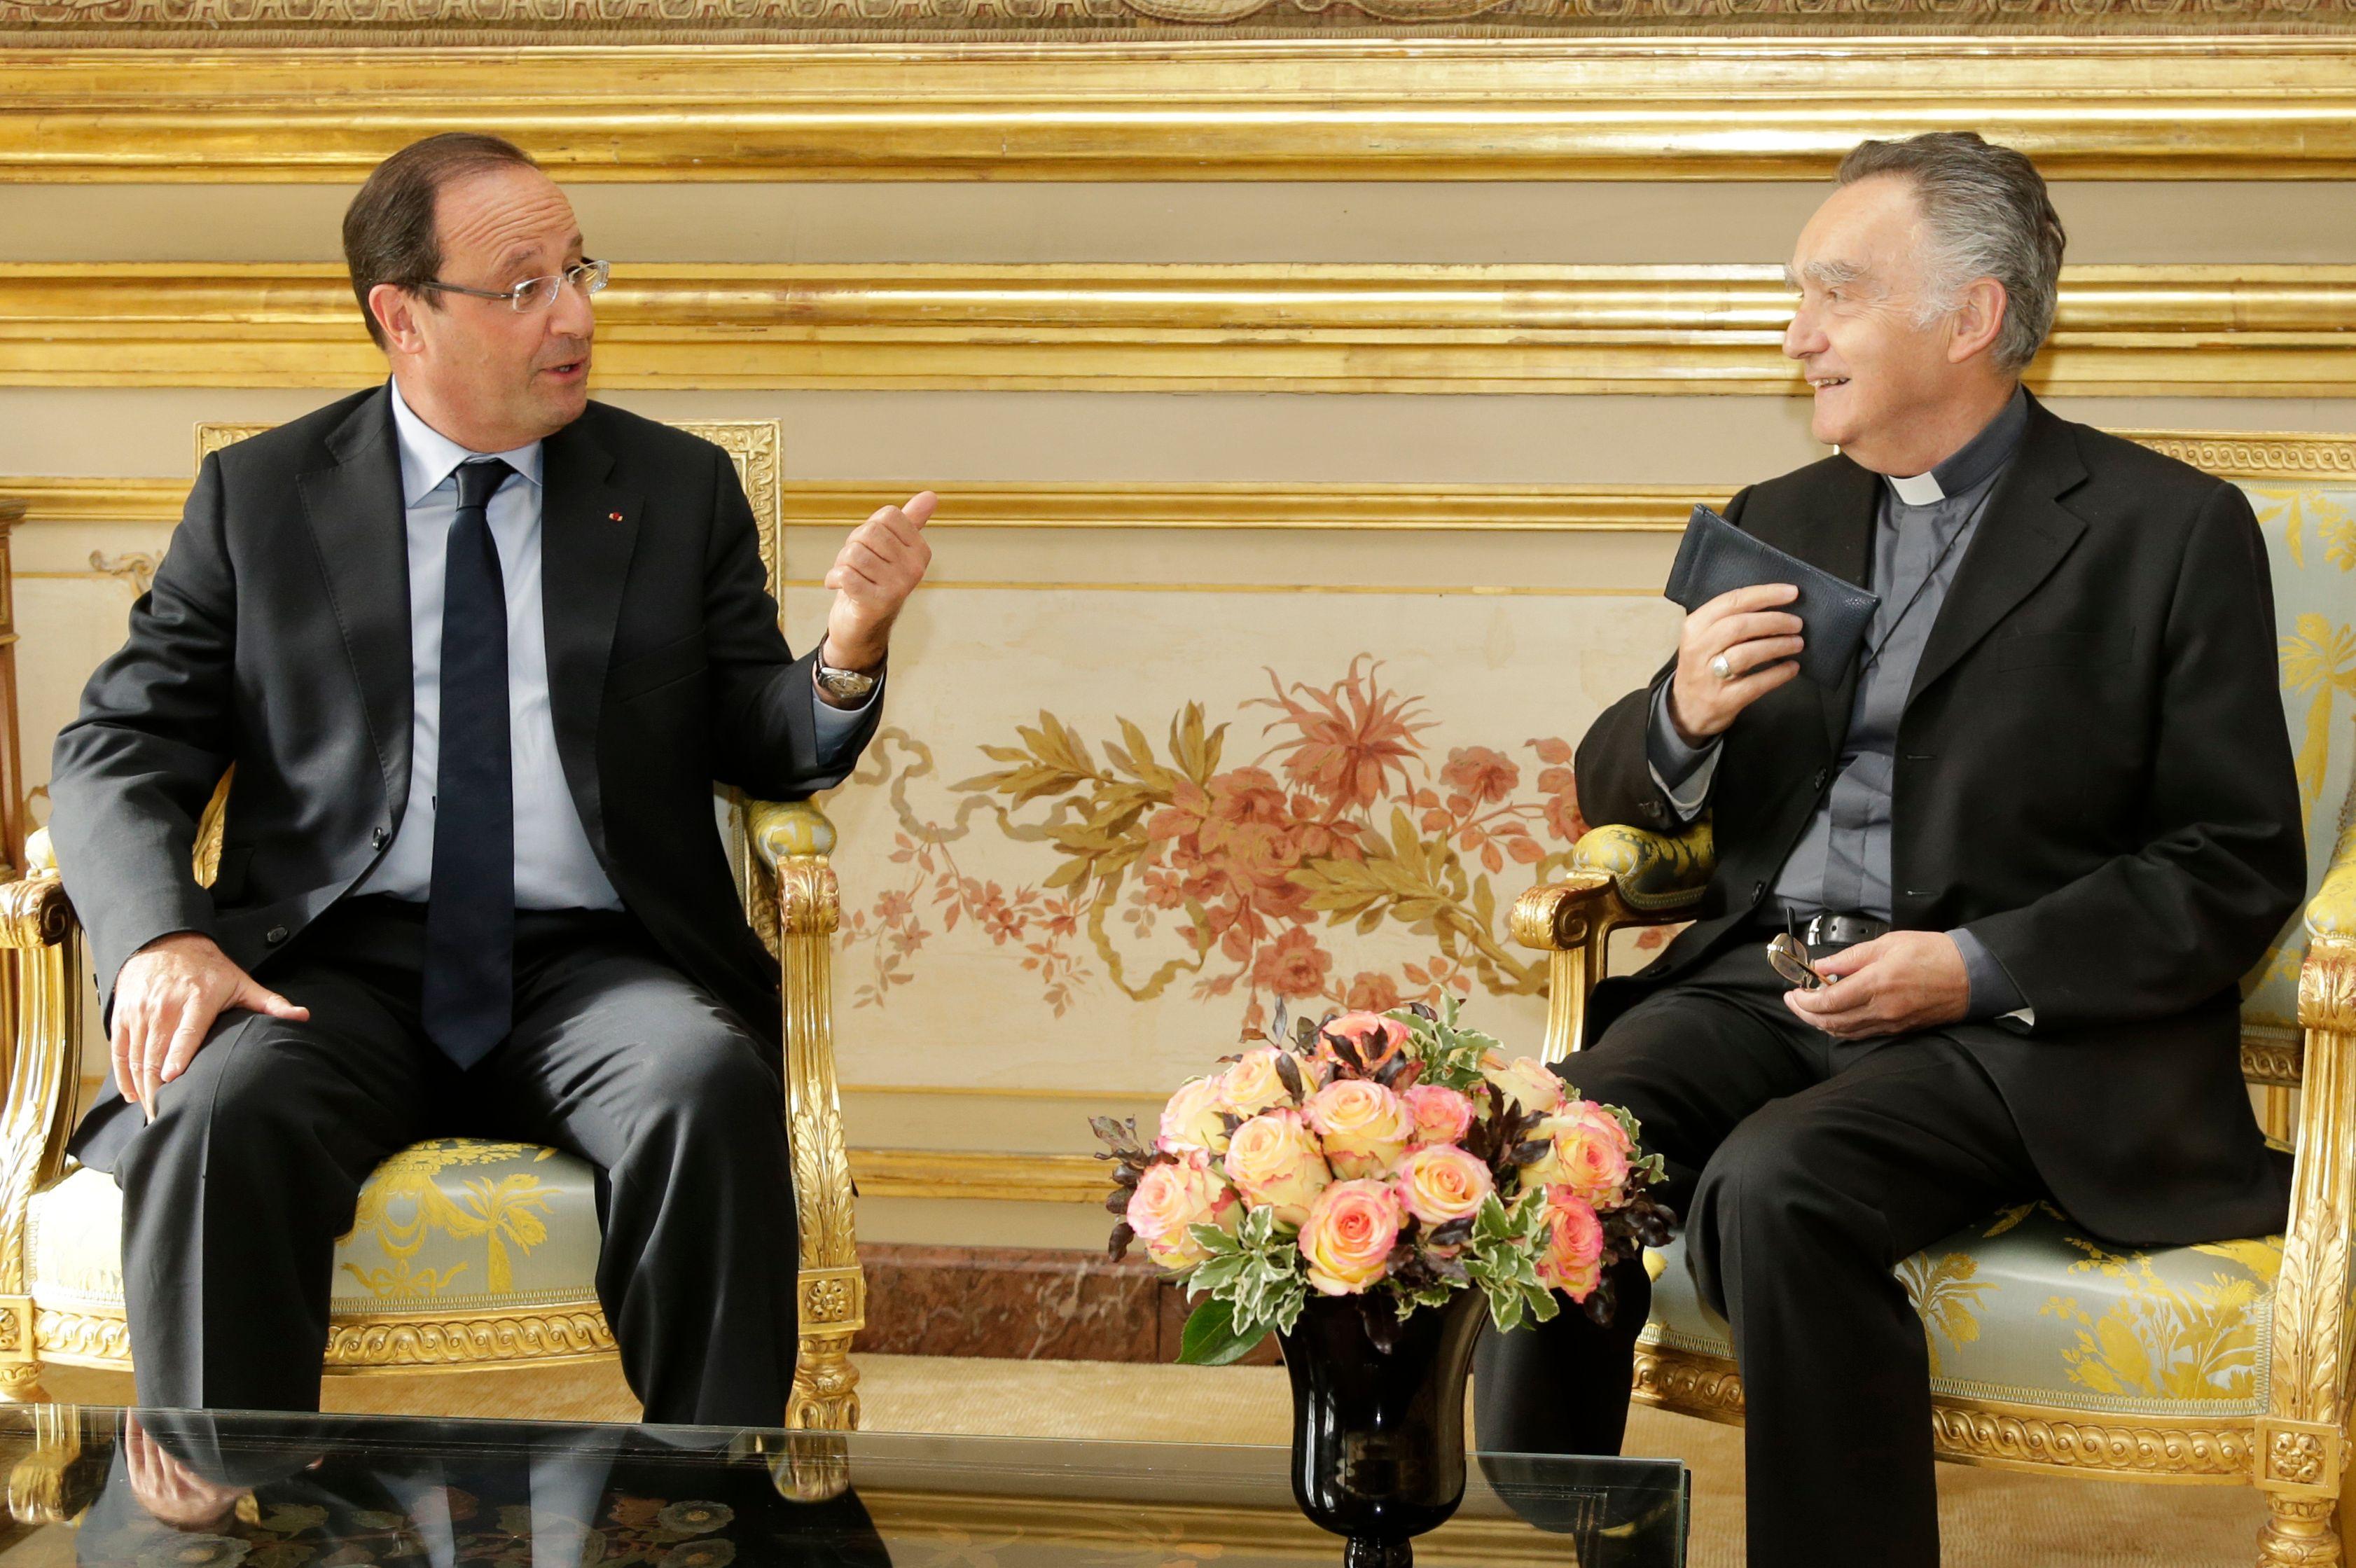 Le président François Hollande en conversation avec Mgr Georges Pontier, président de la Conférence des évêques de France, avant une réunion à l'Elysée à Paris le 7 Octobre 2013.